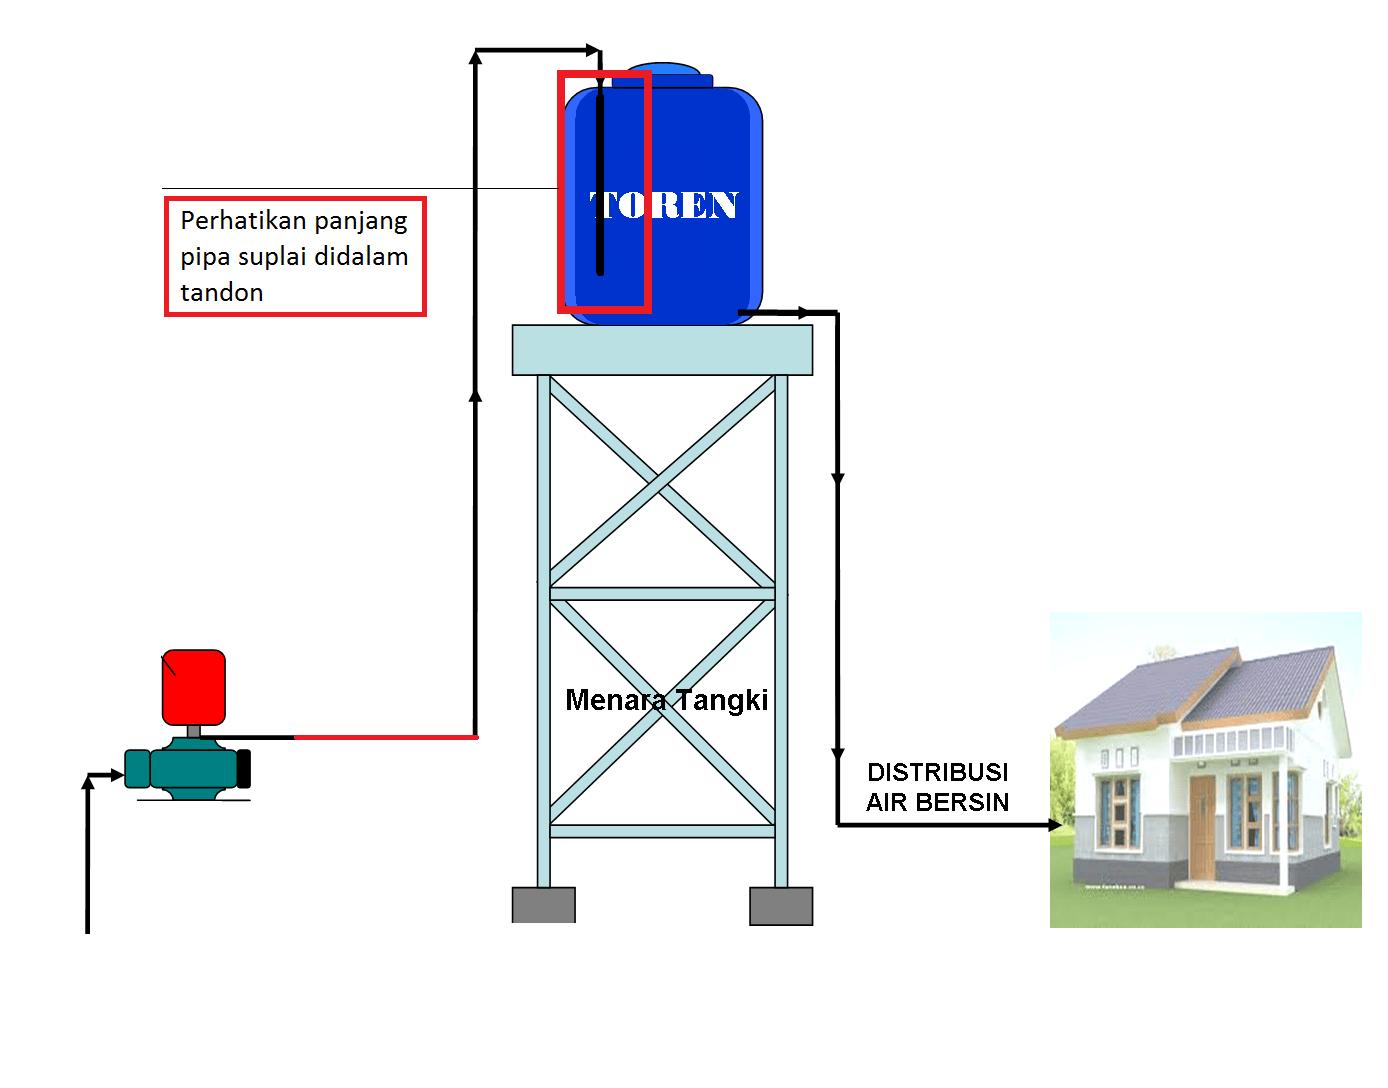 Air dalam toren habis tidak bocor